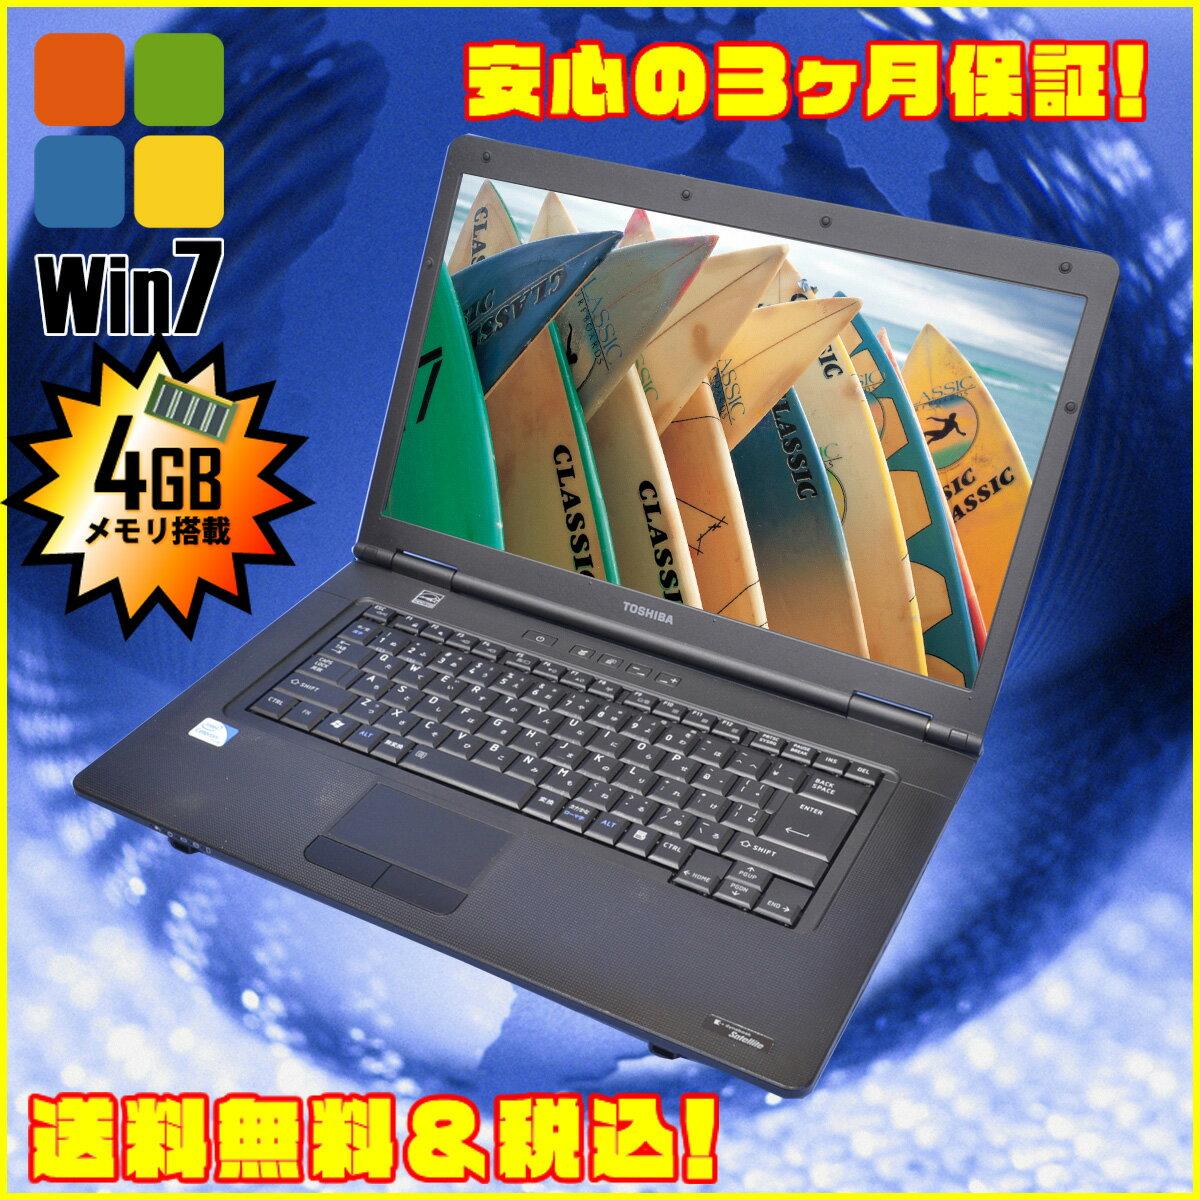 中古パソコン Windows7-Pro! 東芝 TOSHIBA dynabook Satellite B551/C 【中古】 Core i5-2520M搭載 無線LAN&DVDスーパーマルチ搭載 Winodws7-Proセットアップ済み KingSoft Office付き【中古ノートパソコン】【Windows7】【05P23Apr16】